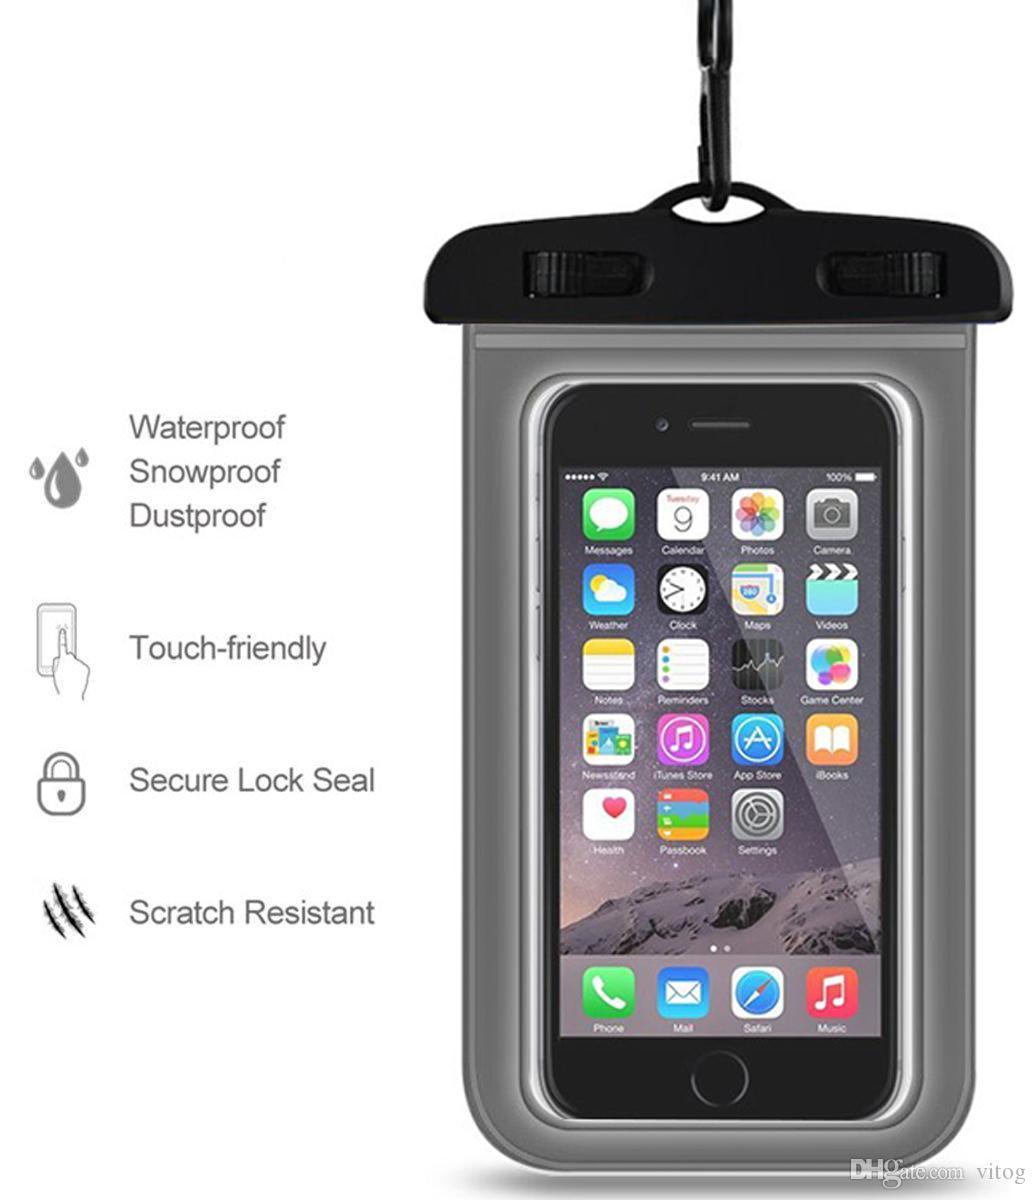 حقيبة الجافة كيس ماء كيس بولي كلوريد الفينيل واقية حقيبة الهاتف العالمي الحقيبة مع أكياس البوصلة للغطس السباحة للهواتف الذكية تصل إلى 5.8 بوصة